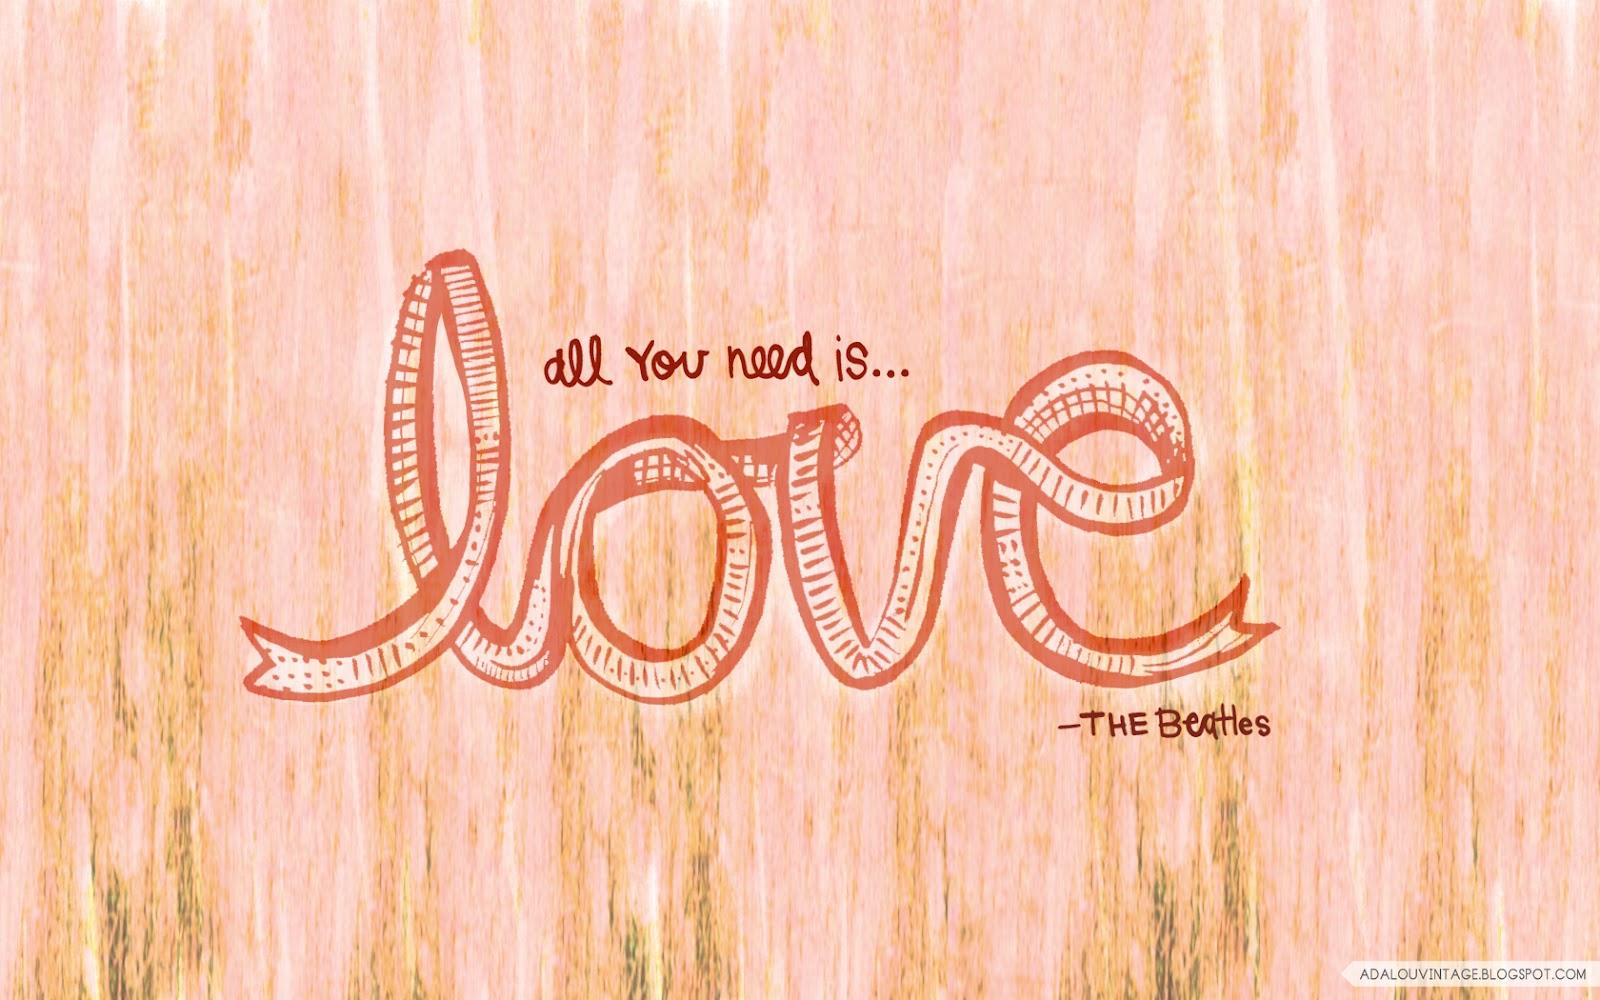 http://1.bp.blogspot.com/-Jy4n4qsMgfk/TzoFKQUEkmI/AAAAAAAAEQ0/ci3d5_Iit-M/s1600/Love_Desktop1680x1050.jpg